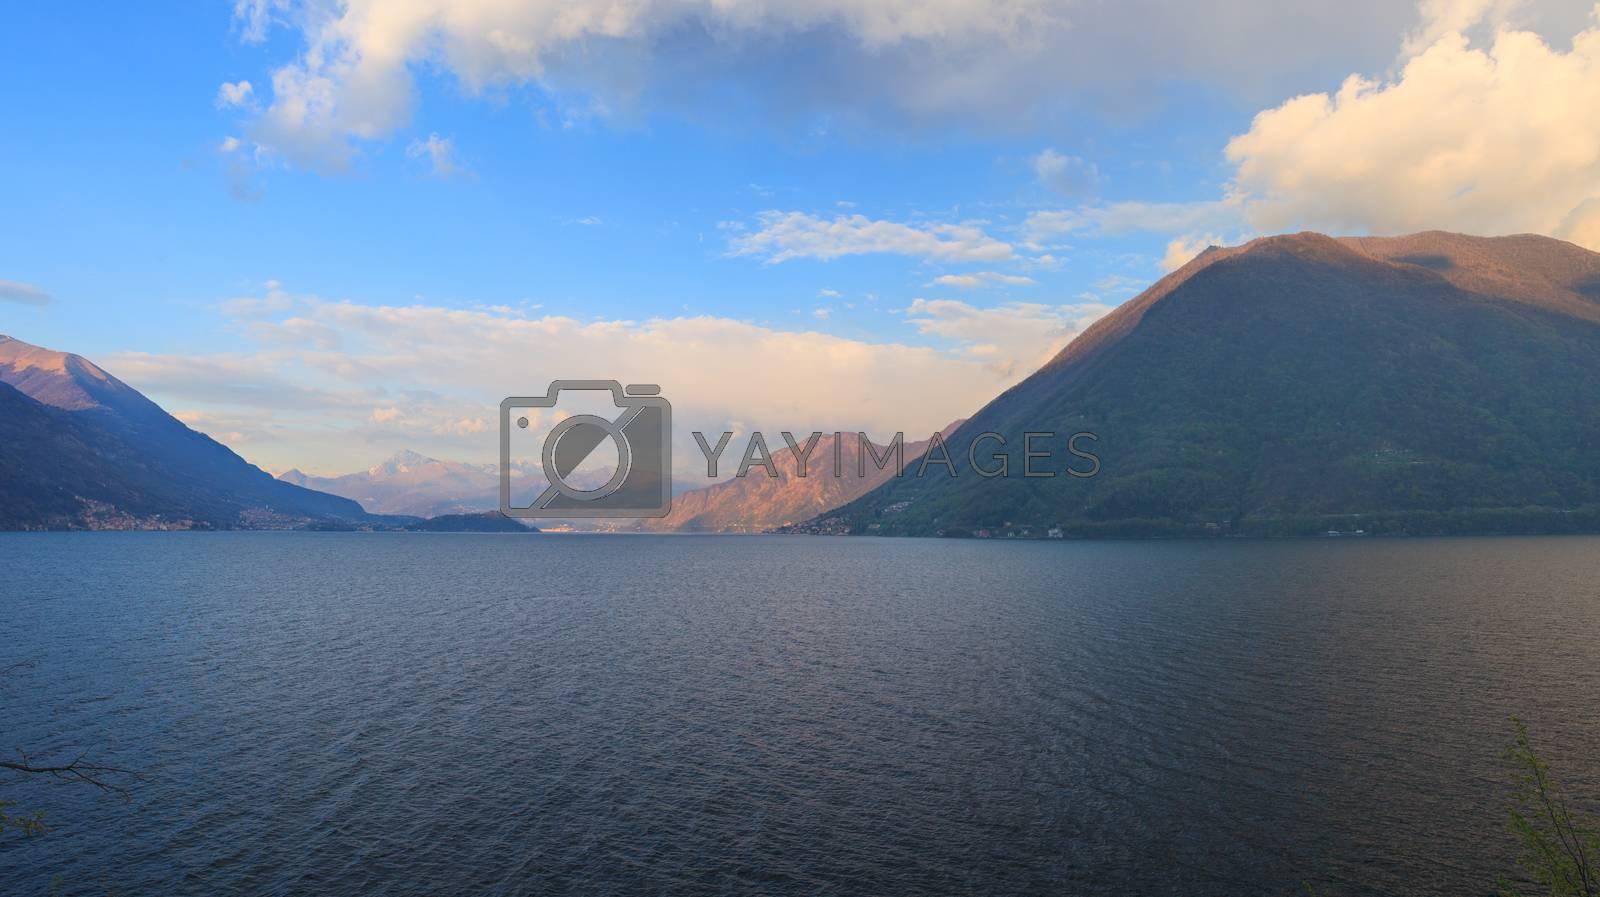 Lake Lugano or Ceresio lake by bepsimage